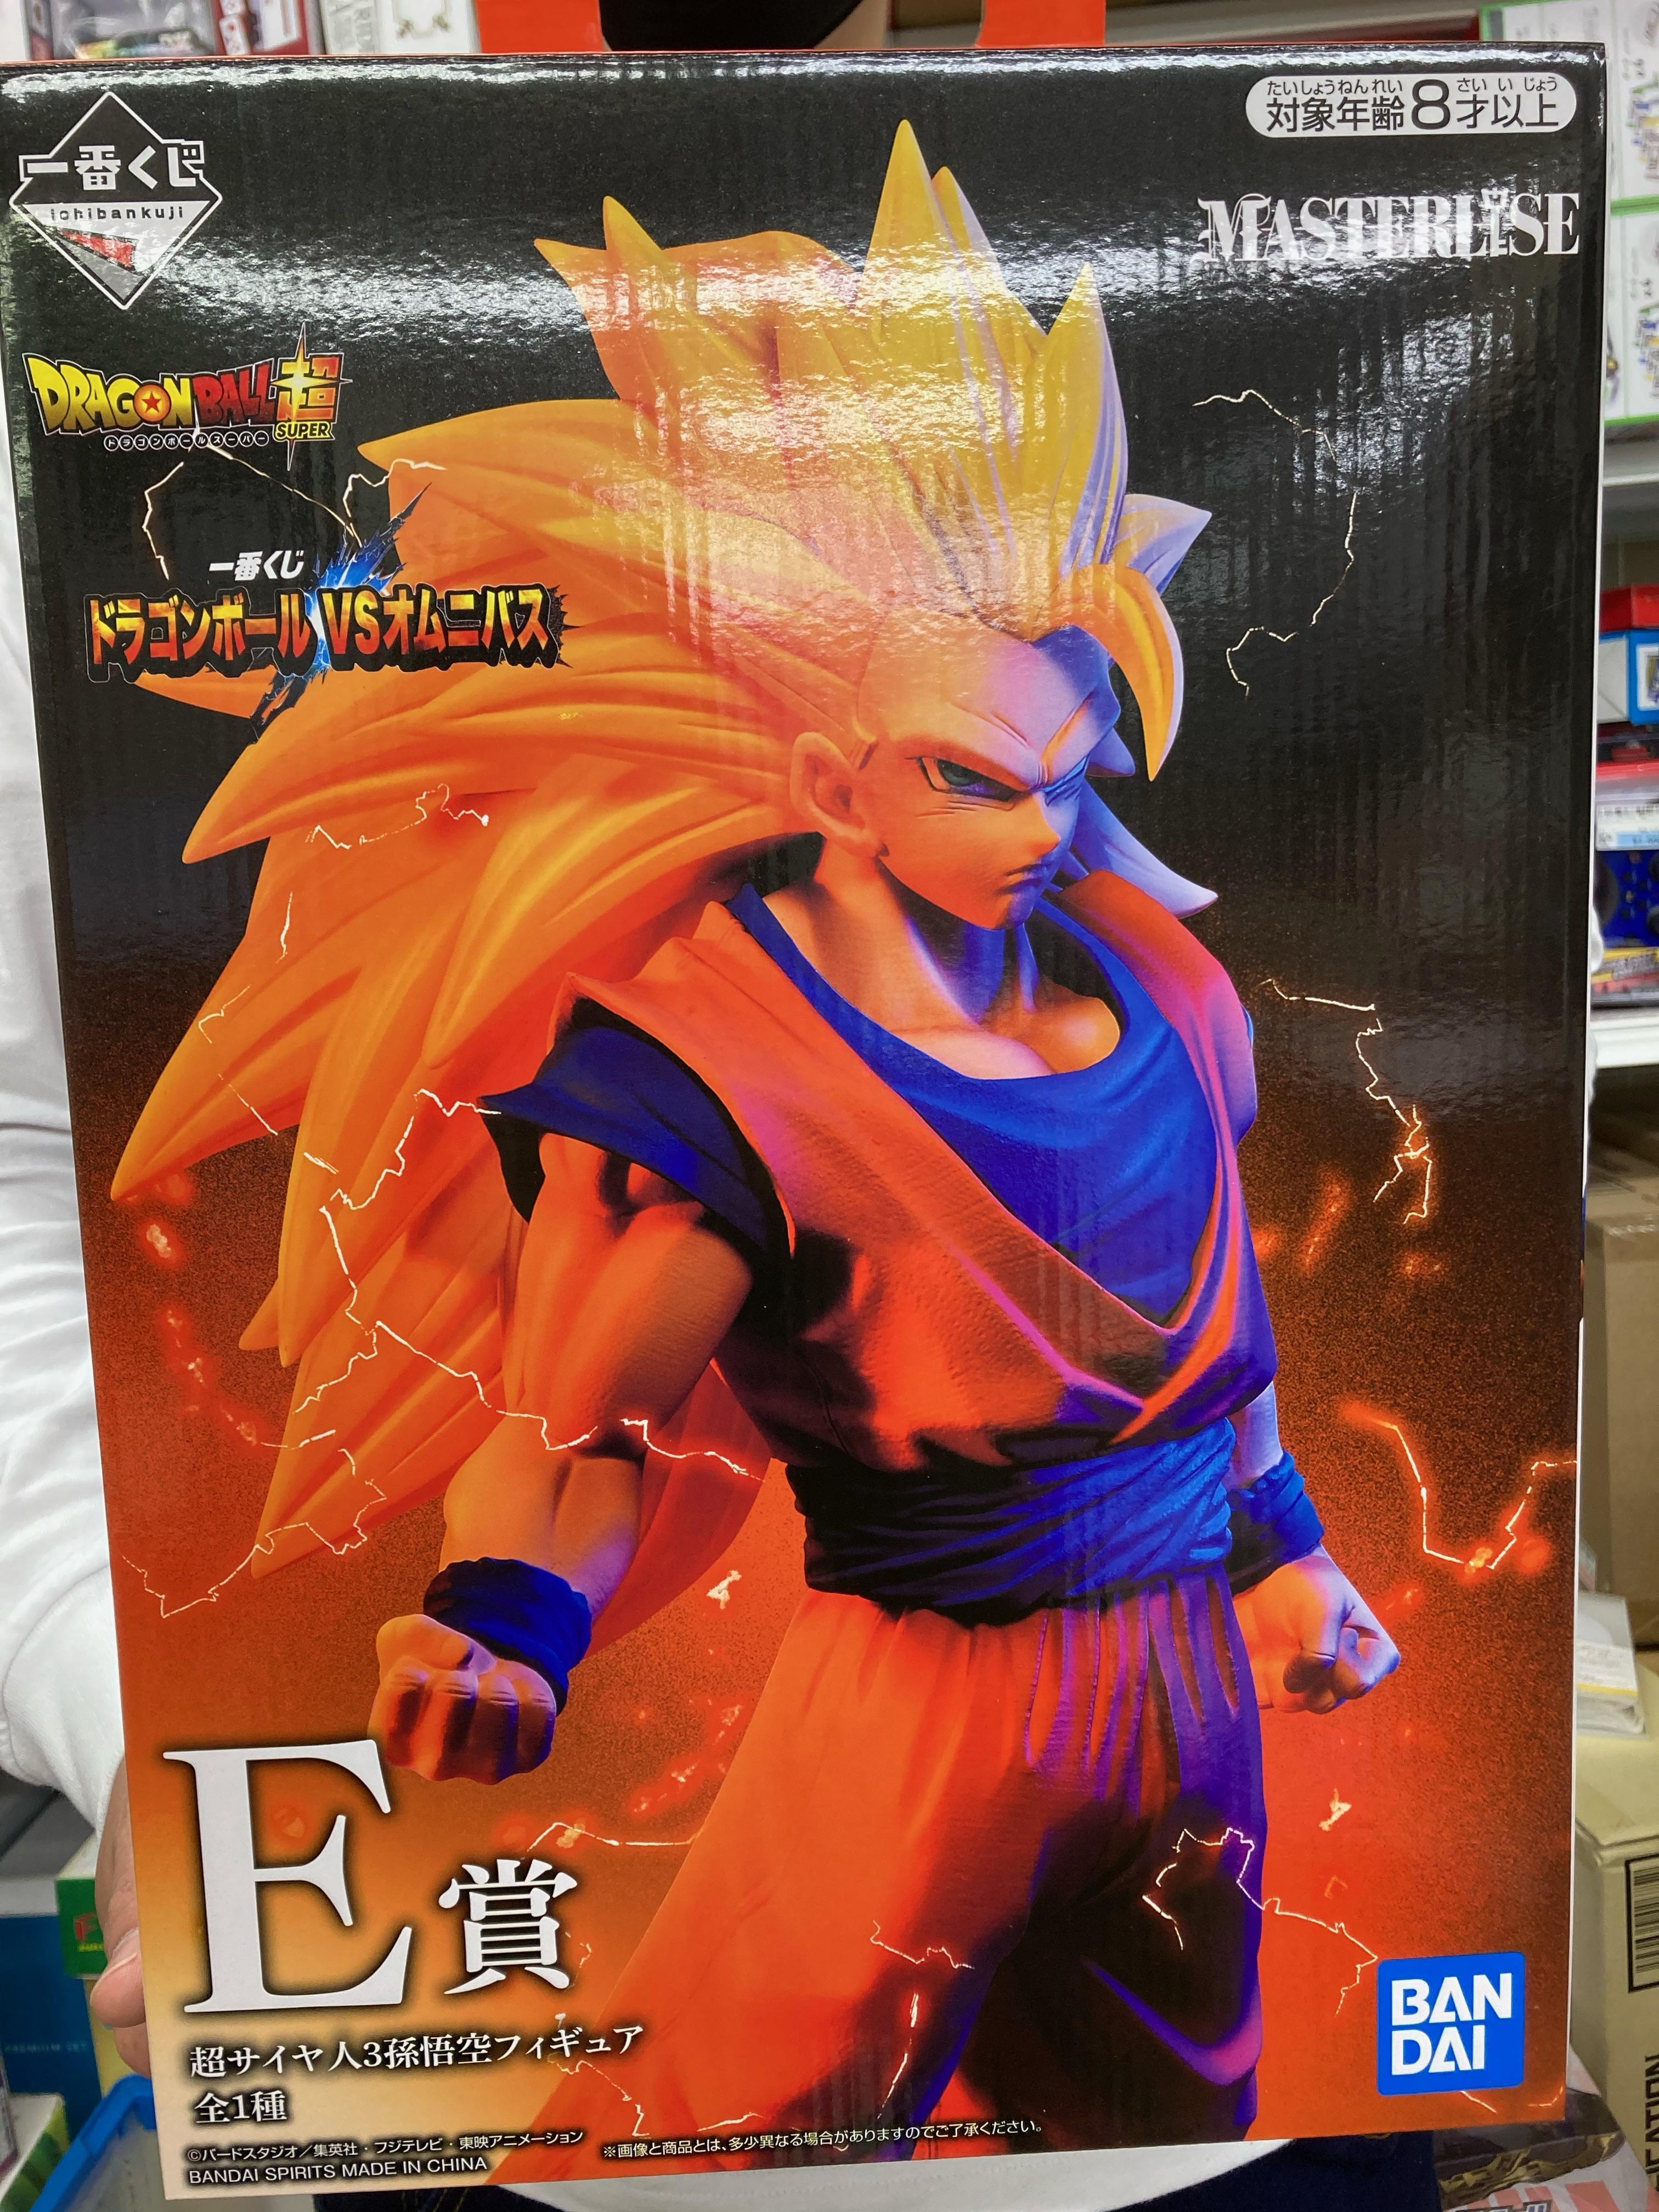 買取情報『一番くじ ドラゴンボール VSオムニバスのMASTERLISE E賞 超サイヤ人3孫悟空 』